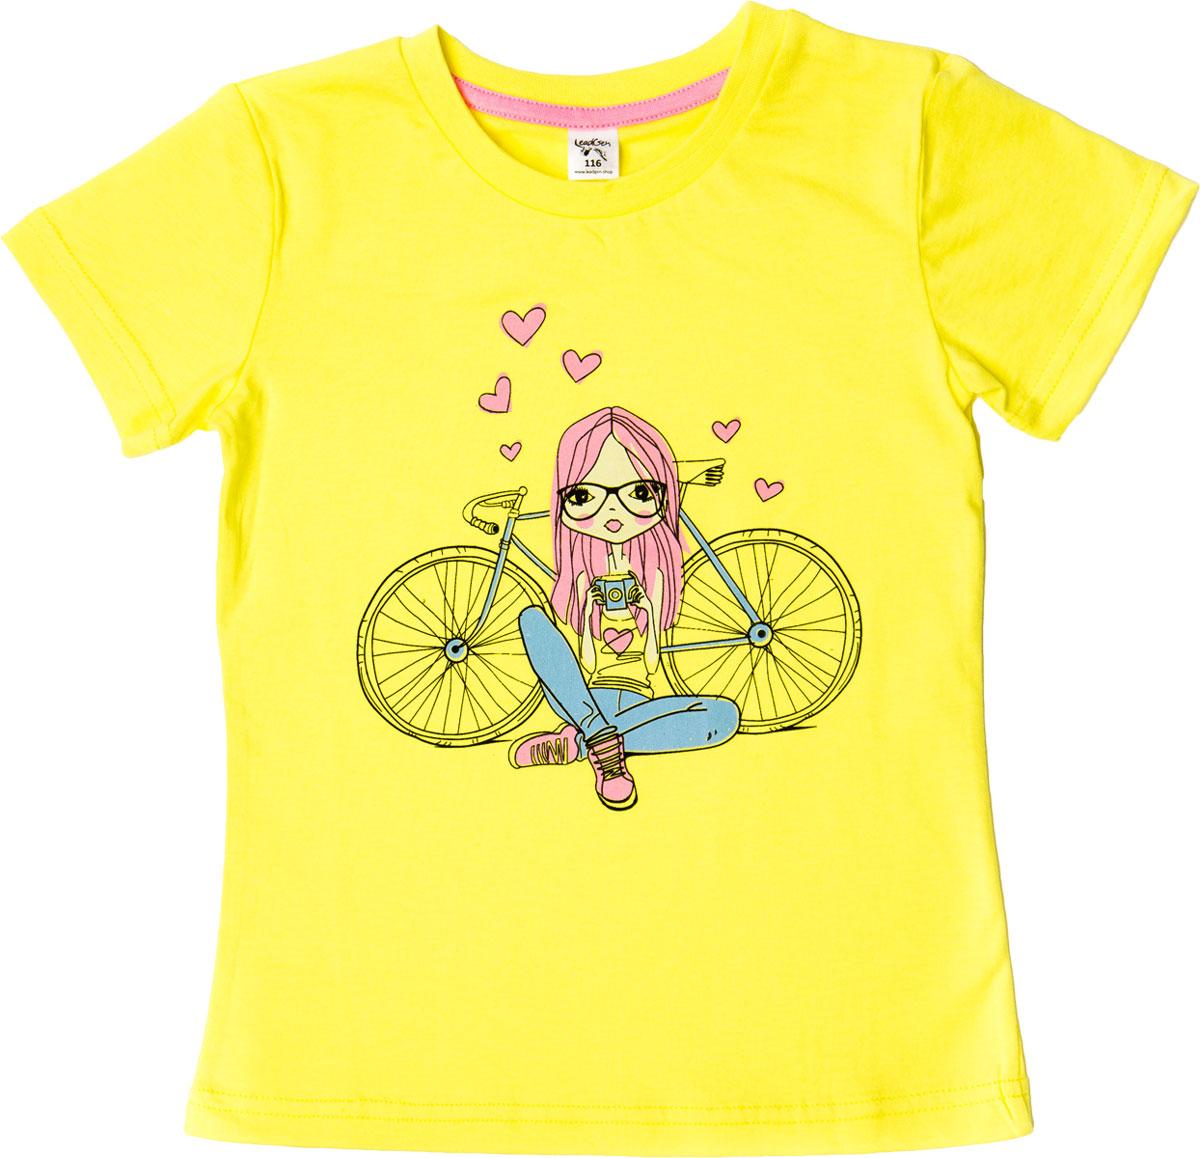 Футболка для девочки LeadGen, цвет: желтый. G613046915-171. Размер 140G613046915-171Футболка для девочки LeadGen выполнена из натурального хлопкового трикотажа. Модель с короткими рукавами и круглым вырезом горловины спереди оформлена принтом.